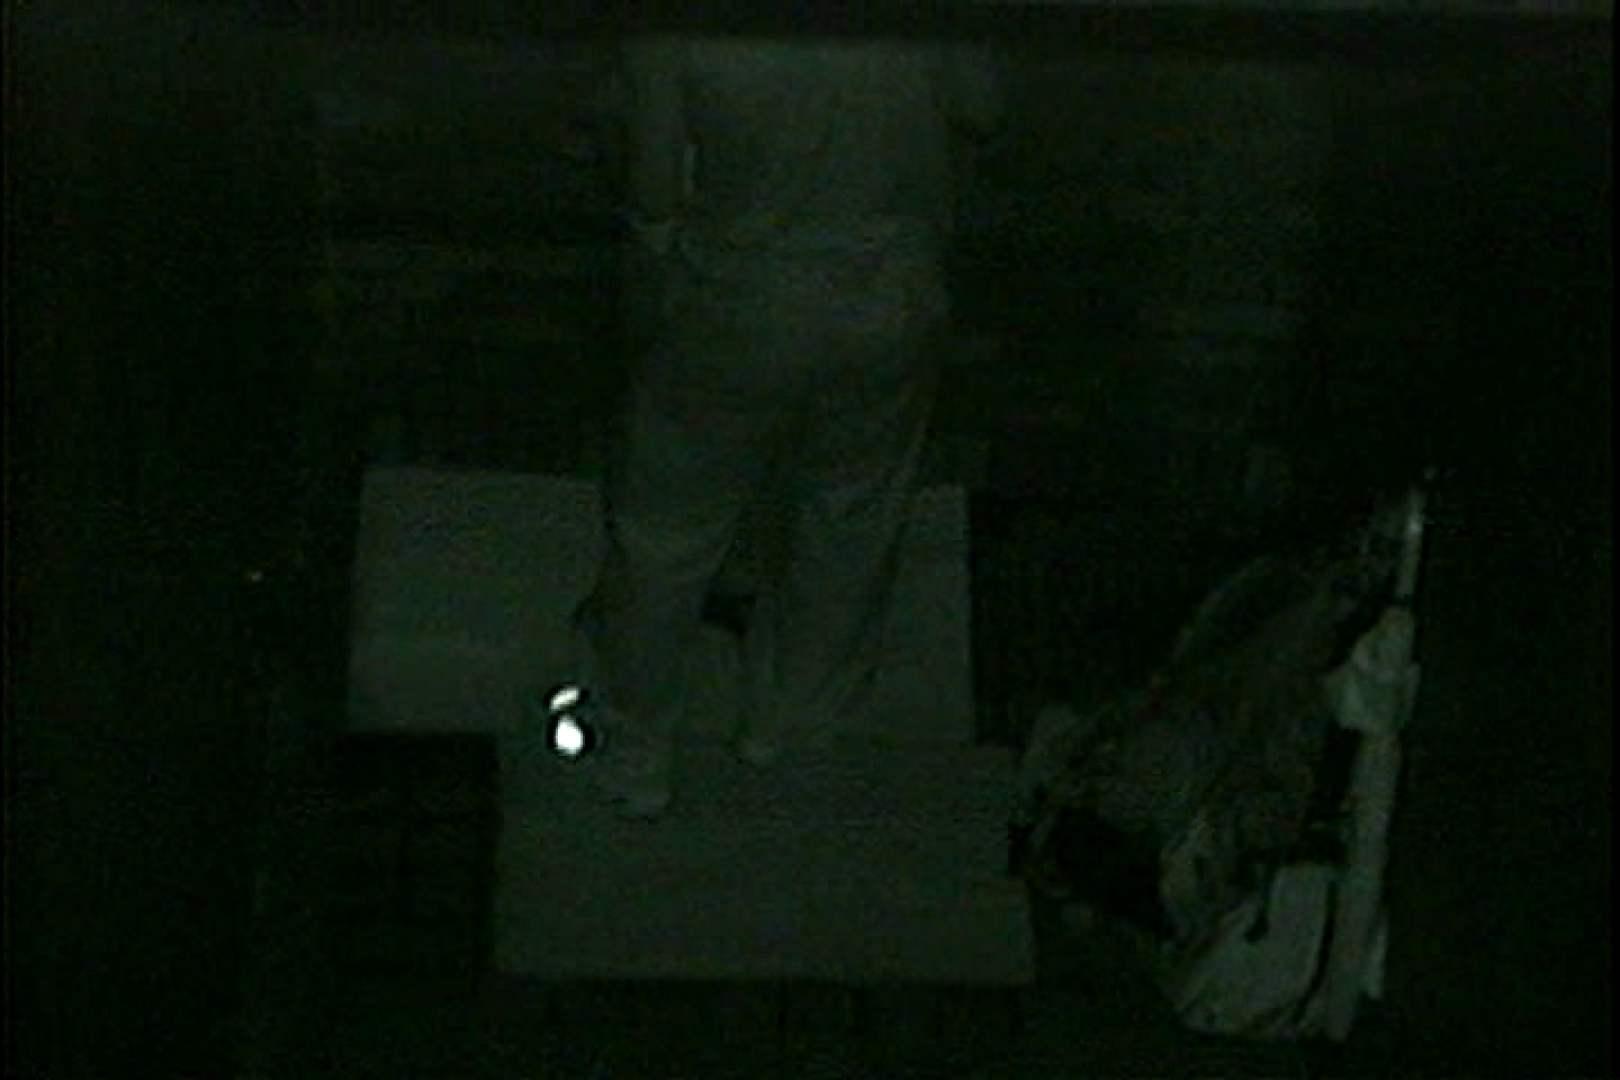 闇の仕掛け人 無修正版 Vol.18 女体盗撮 盗み撮り動画キャプチャ 41連発 24